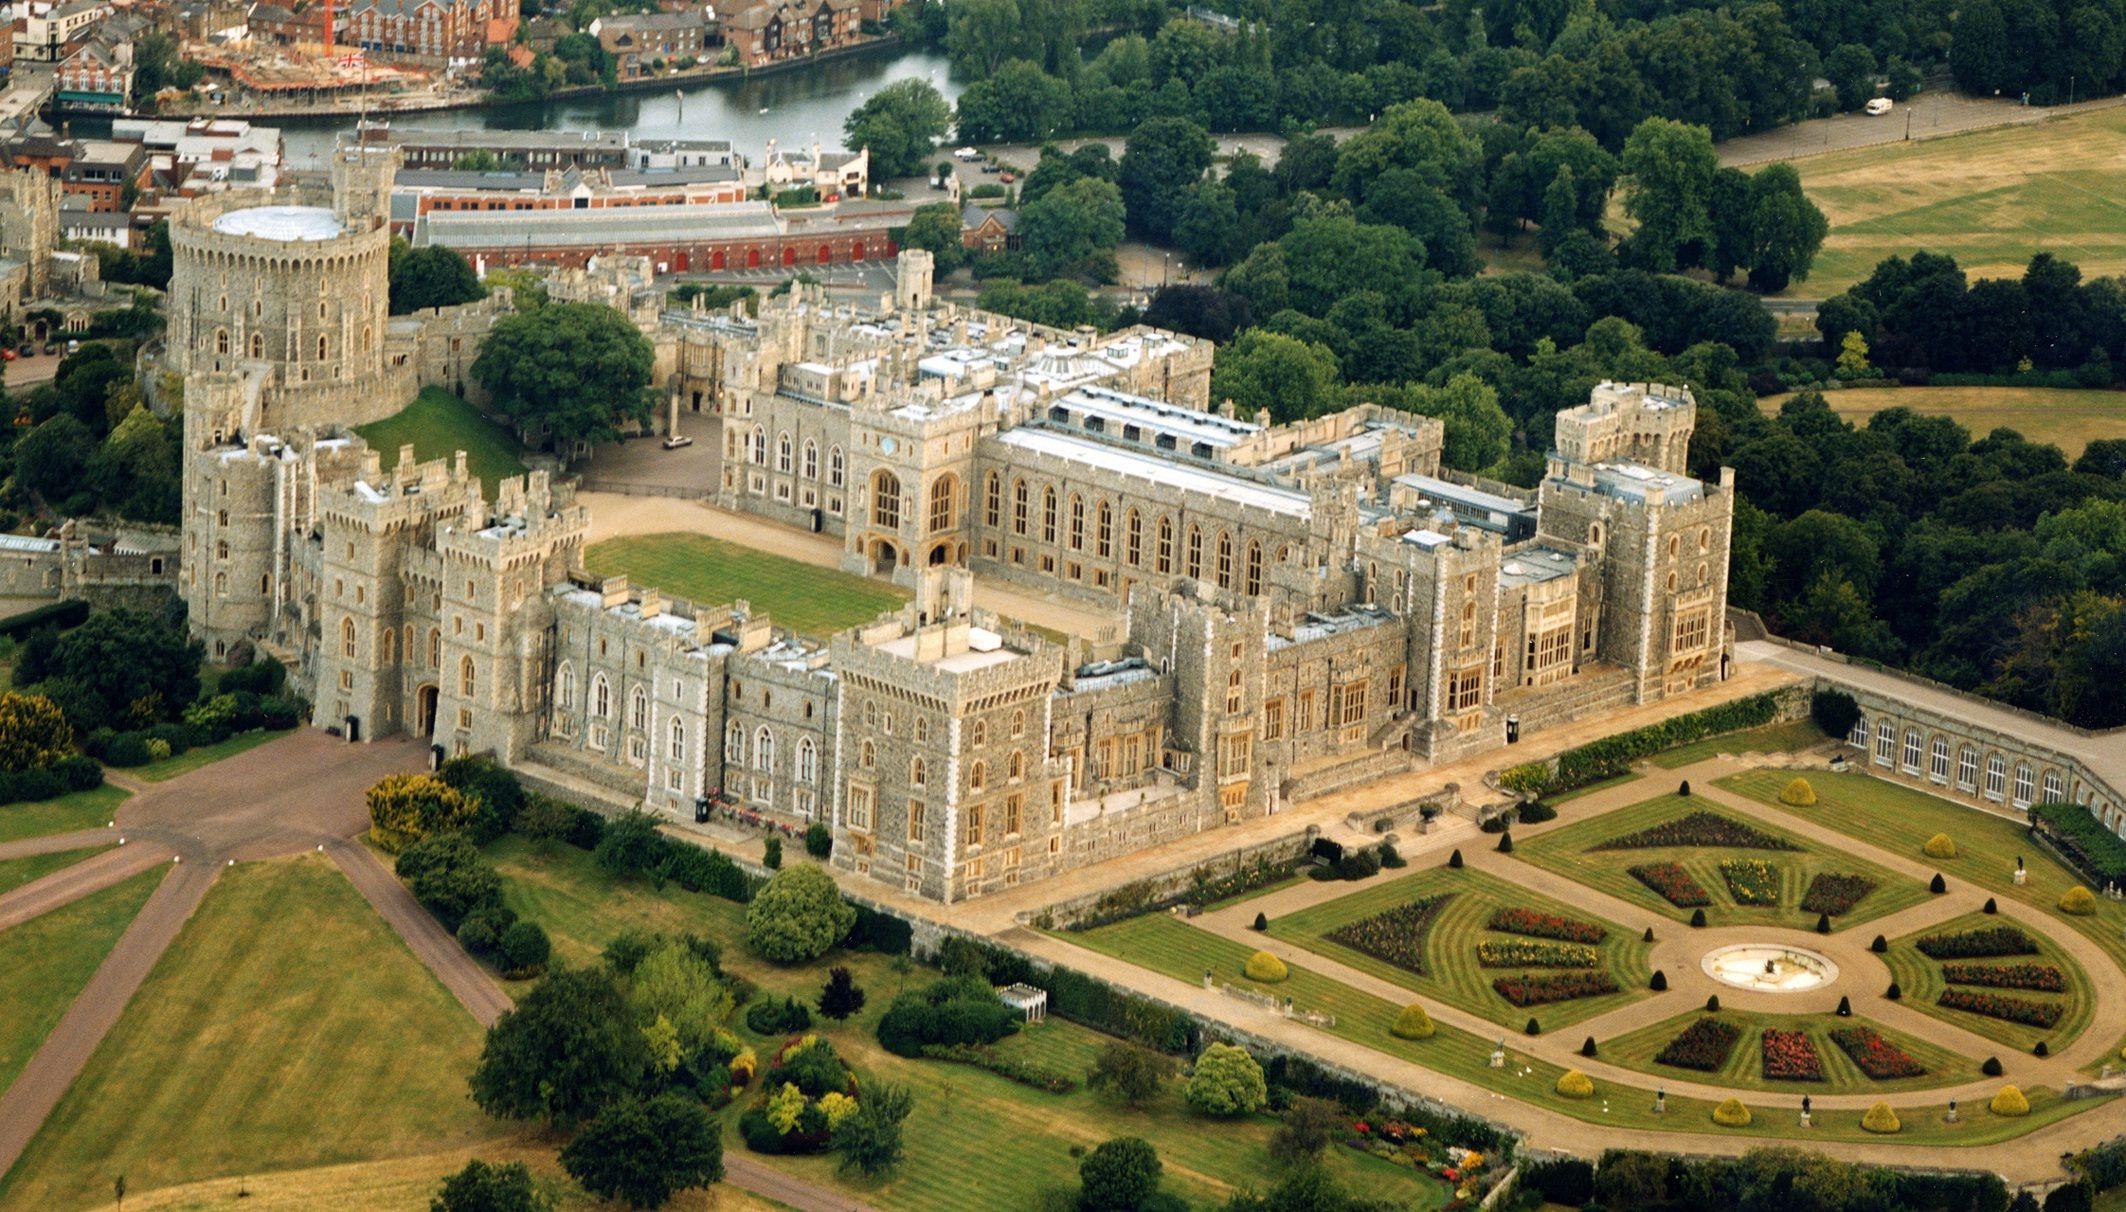 Top 10 Biggest Castles In History Castles In England Castle Windsor Castle